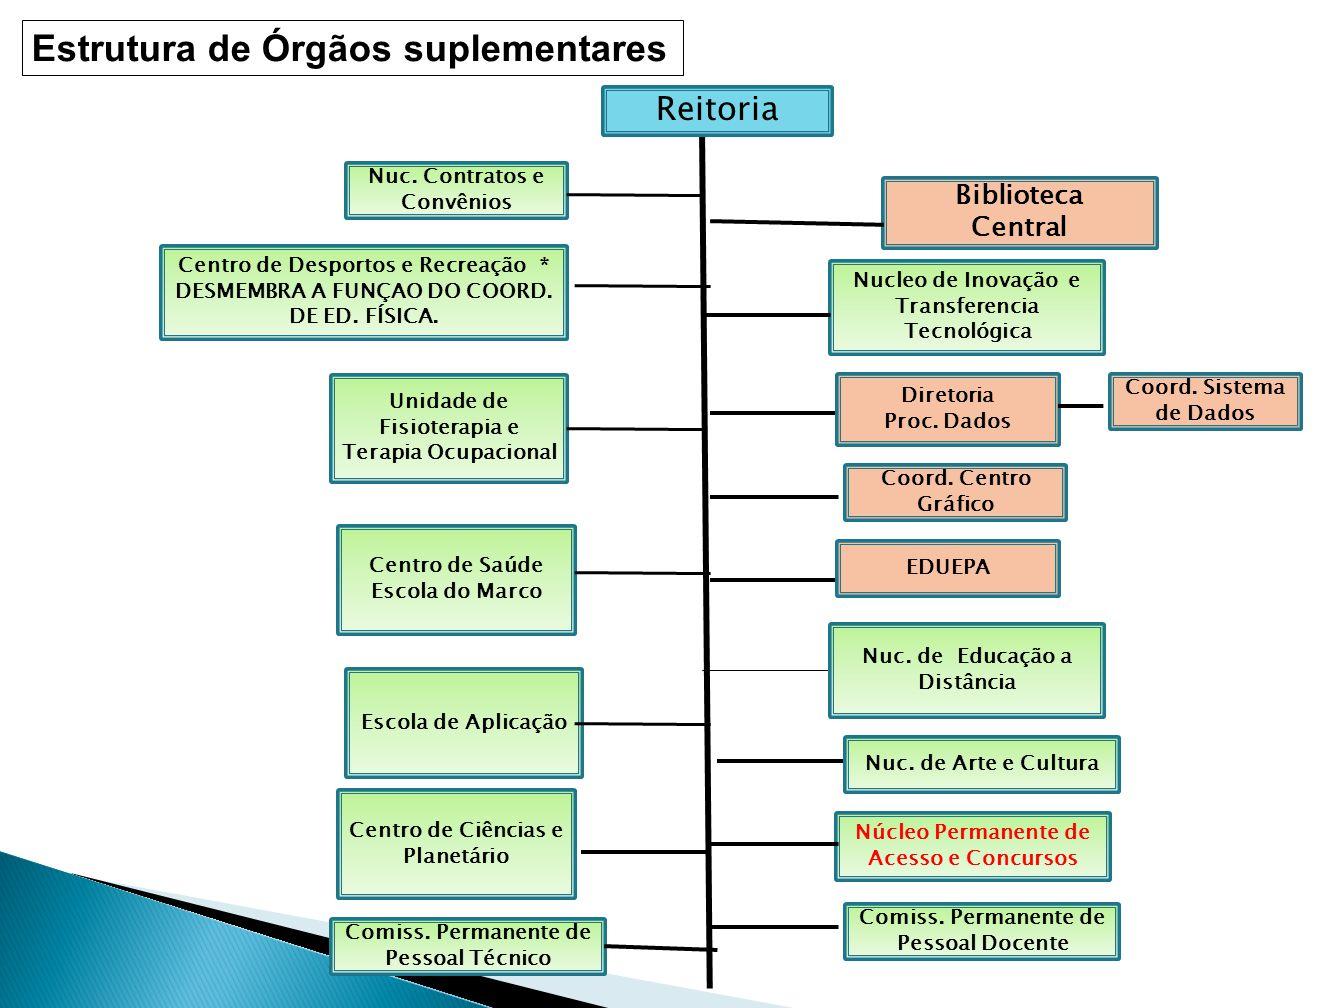  Análise comparativa da estrutura de outras IES com as propostas enviadas pelas unidades.